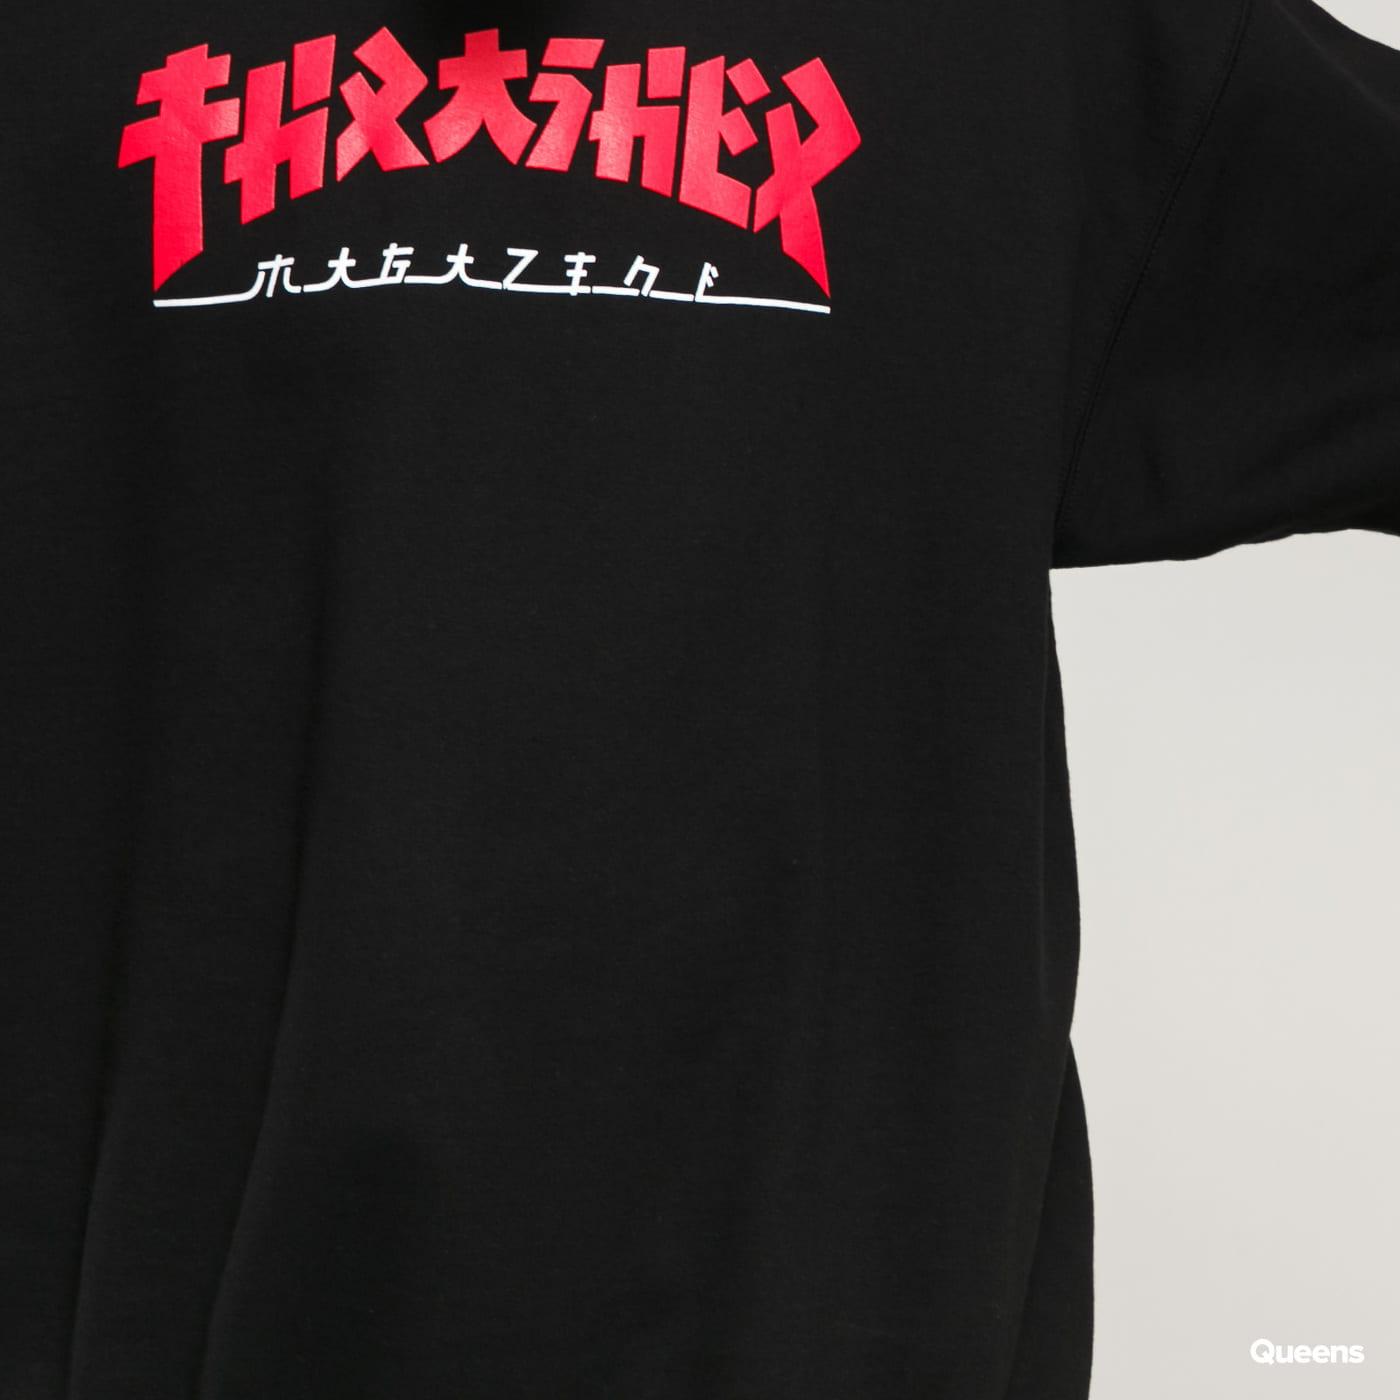 Thrasher Godzilla Crewneck black